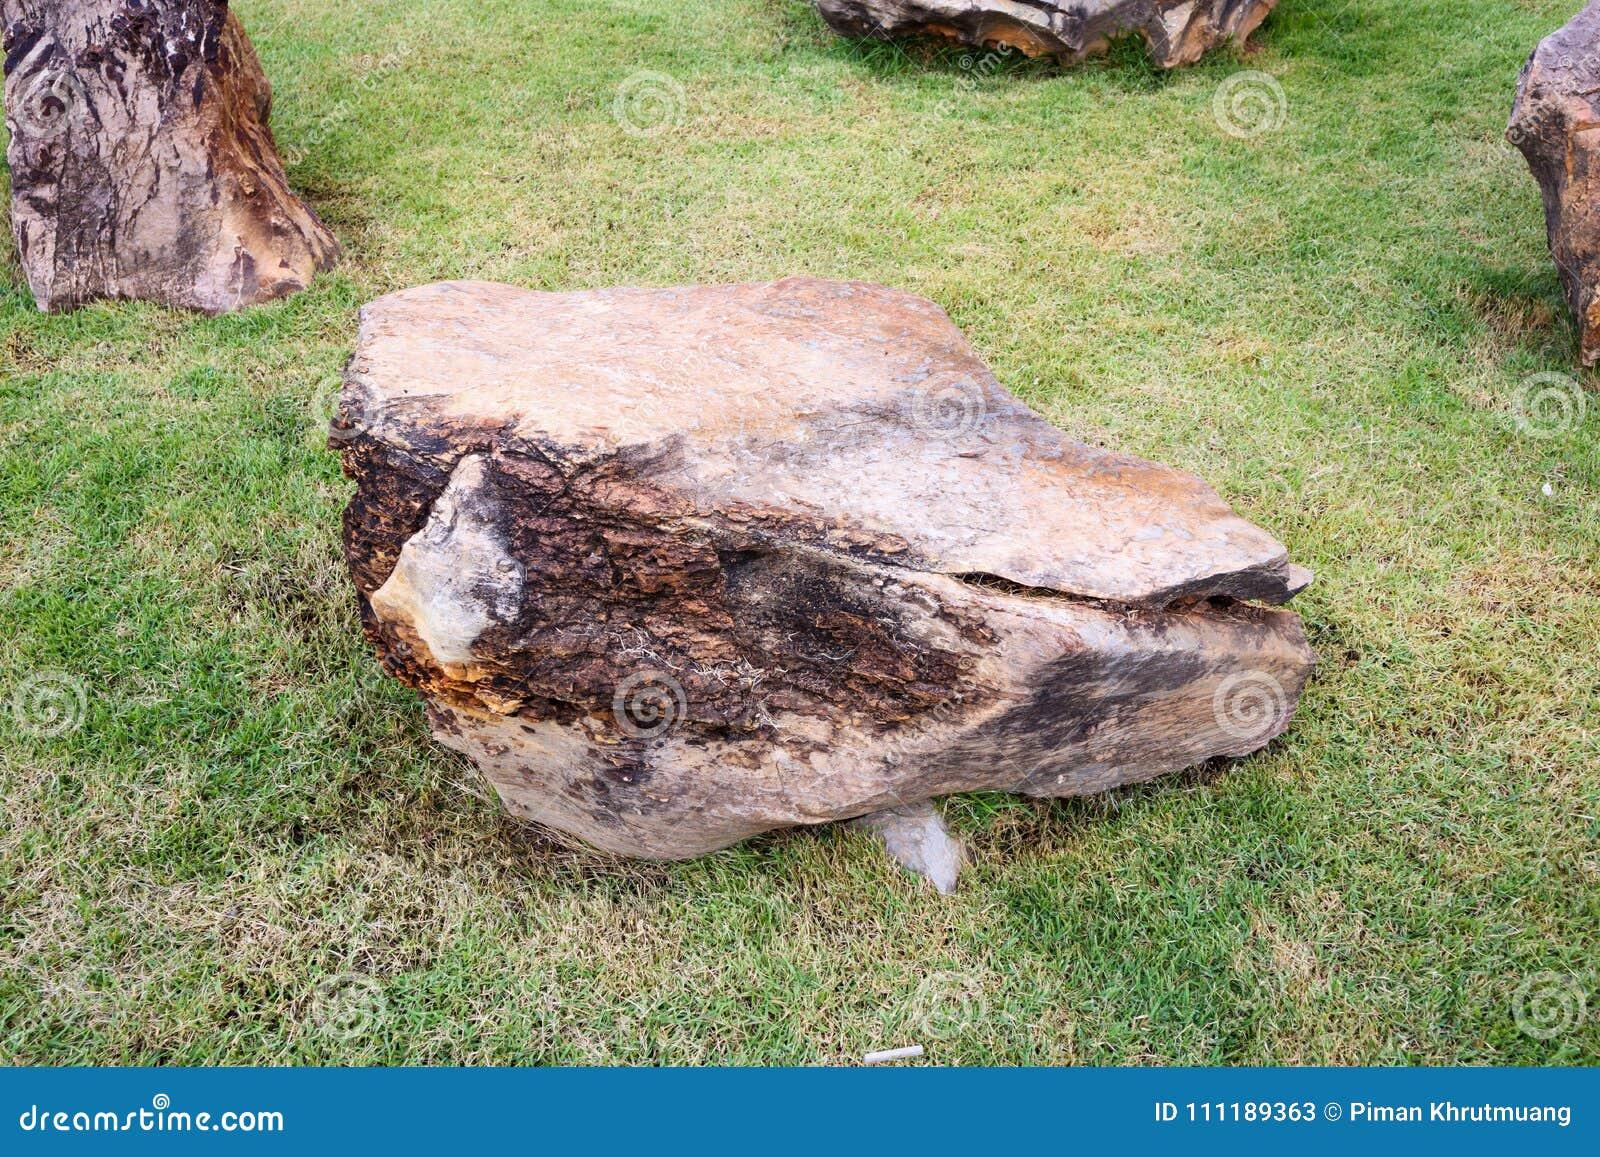 Stone decoration garden stock image. Image of stone - 111189363